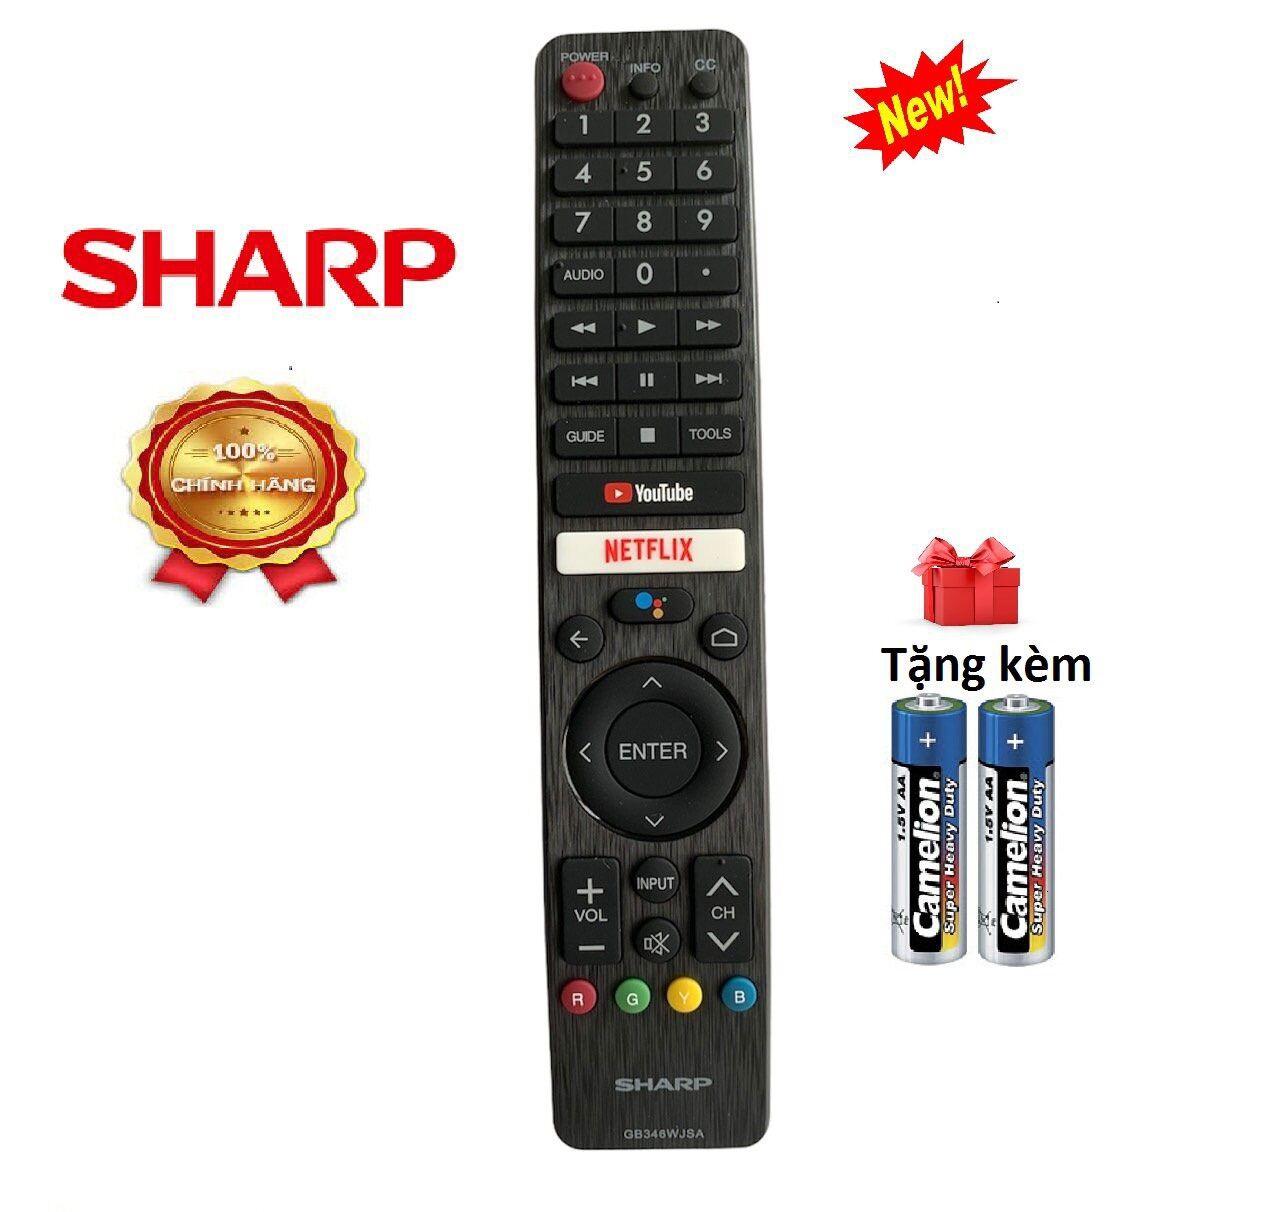 Bảng giá Điều khiển tivi Sharp giọng nói GB346WJSA - Hàng chính hãng [tặng kèm pin]